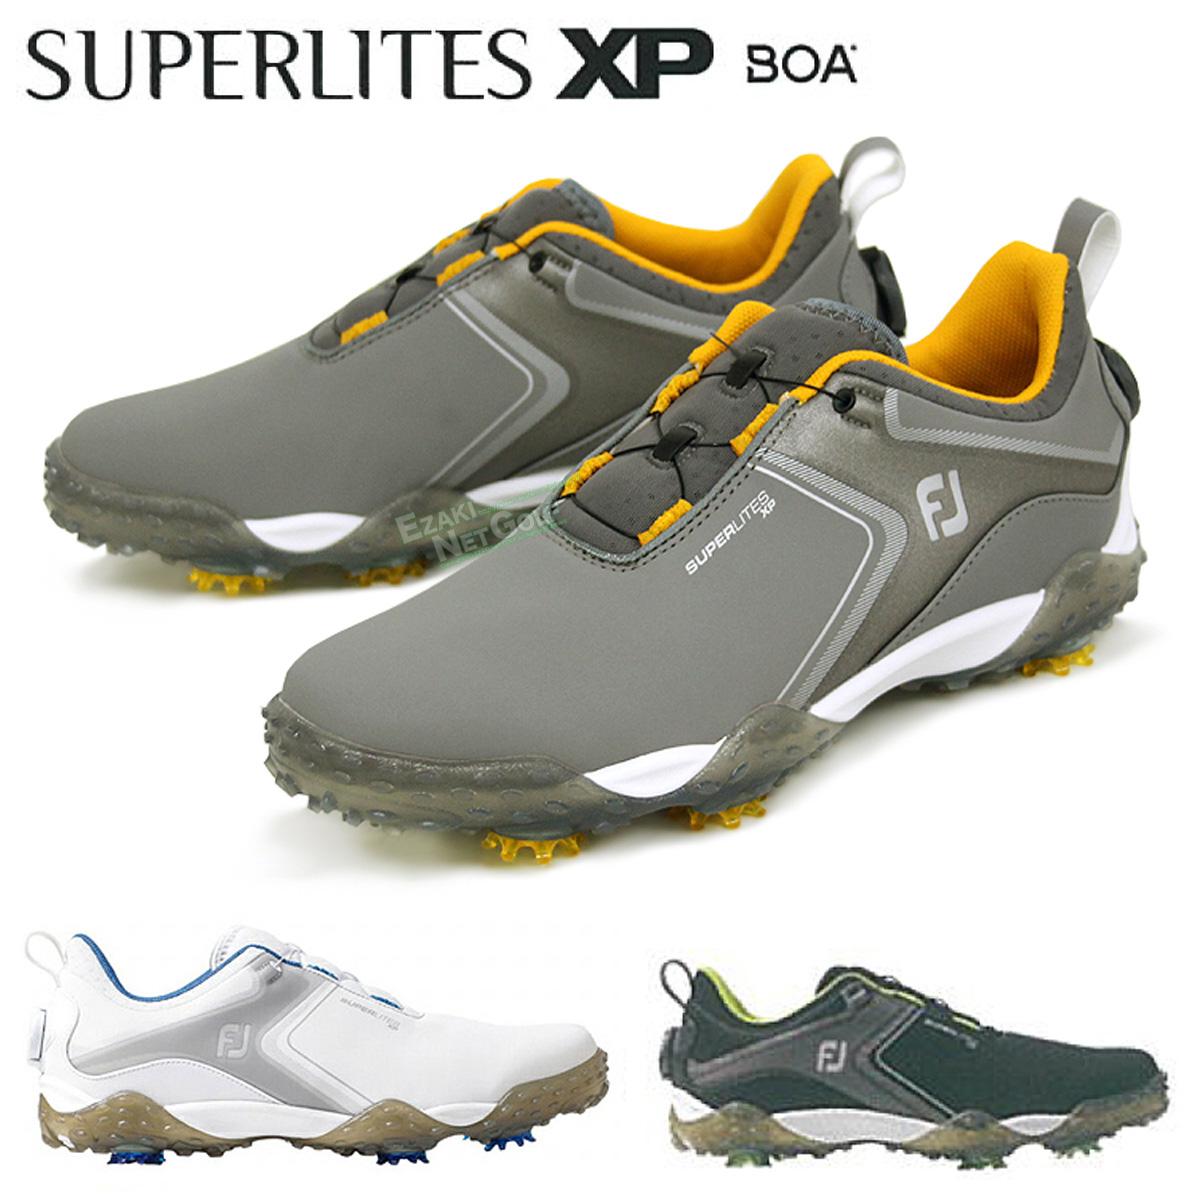 動きやすさ 快適性を追求 FOOTJOY フットジョイ 買い物 与え 日本正規品 SUPERLITES あす楽対応 ソフトスパイクメンズゴルフシューズ 2021新製品 スーパーライトエックスピーボア XP BOA